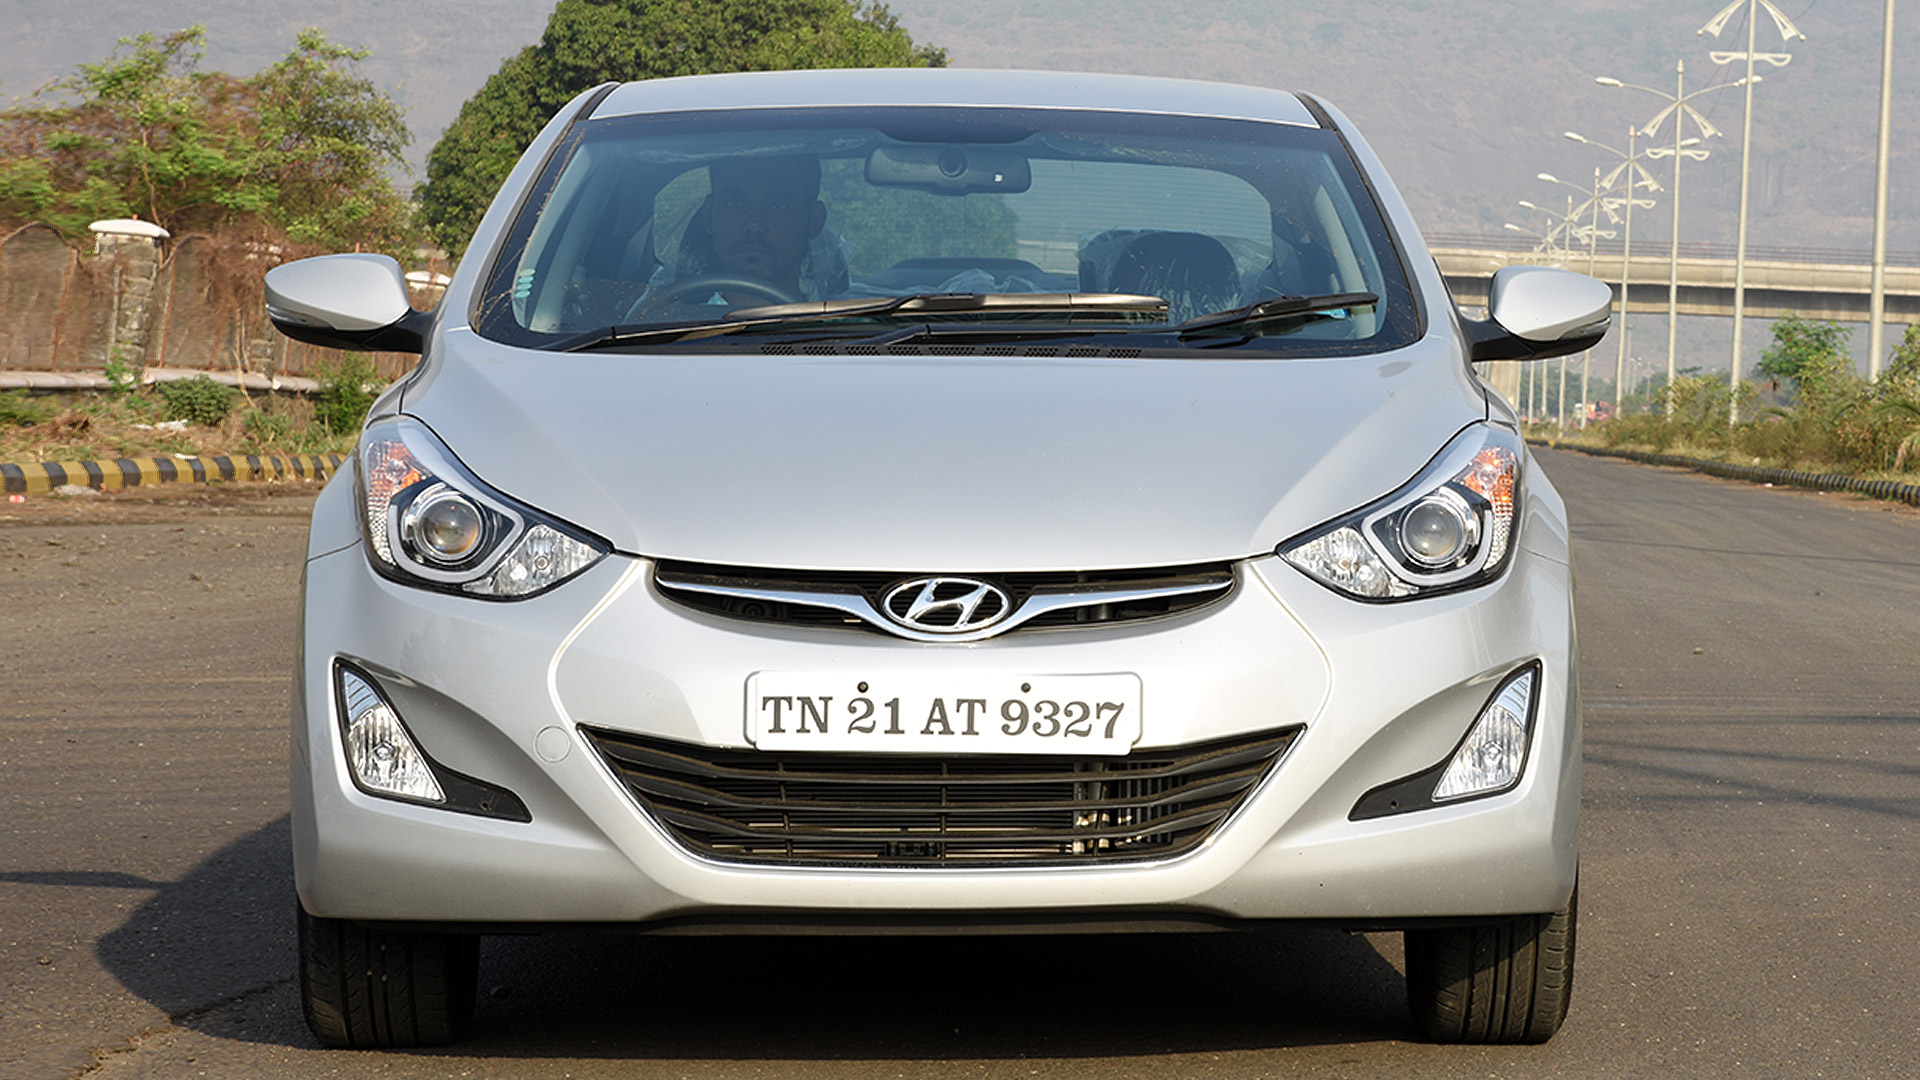 Hyundai Elantra 2015 Compare